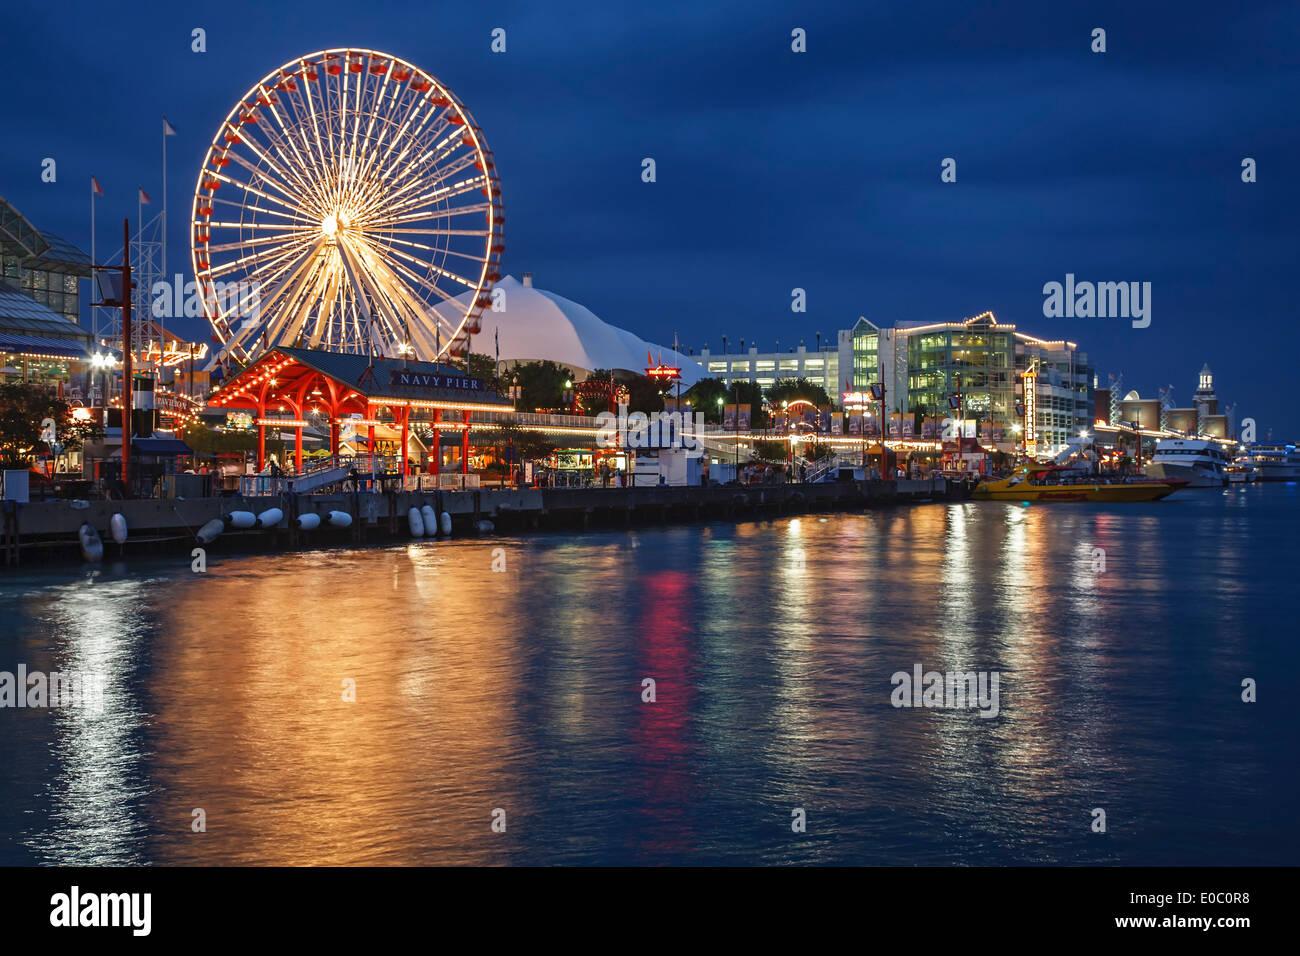 Ruota panoramica Ferris e il Navy Pier, Chicago, Illinois USA Immagini Stock